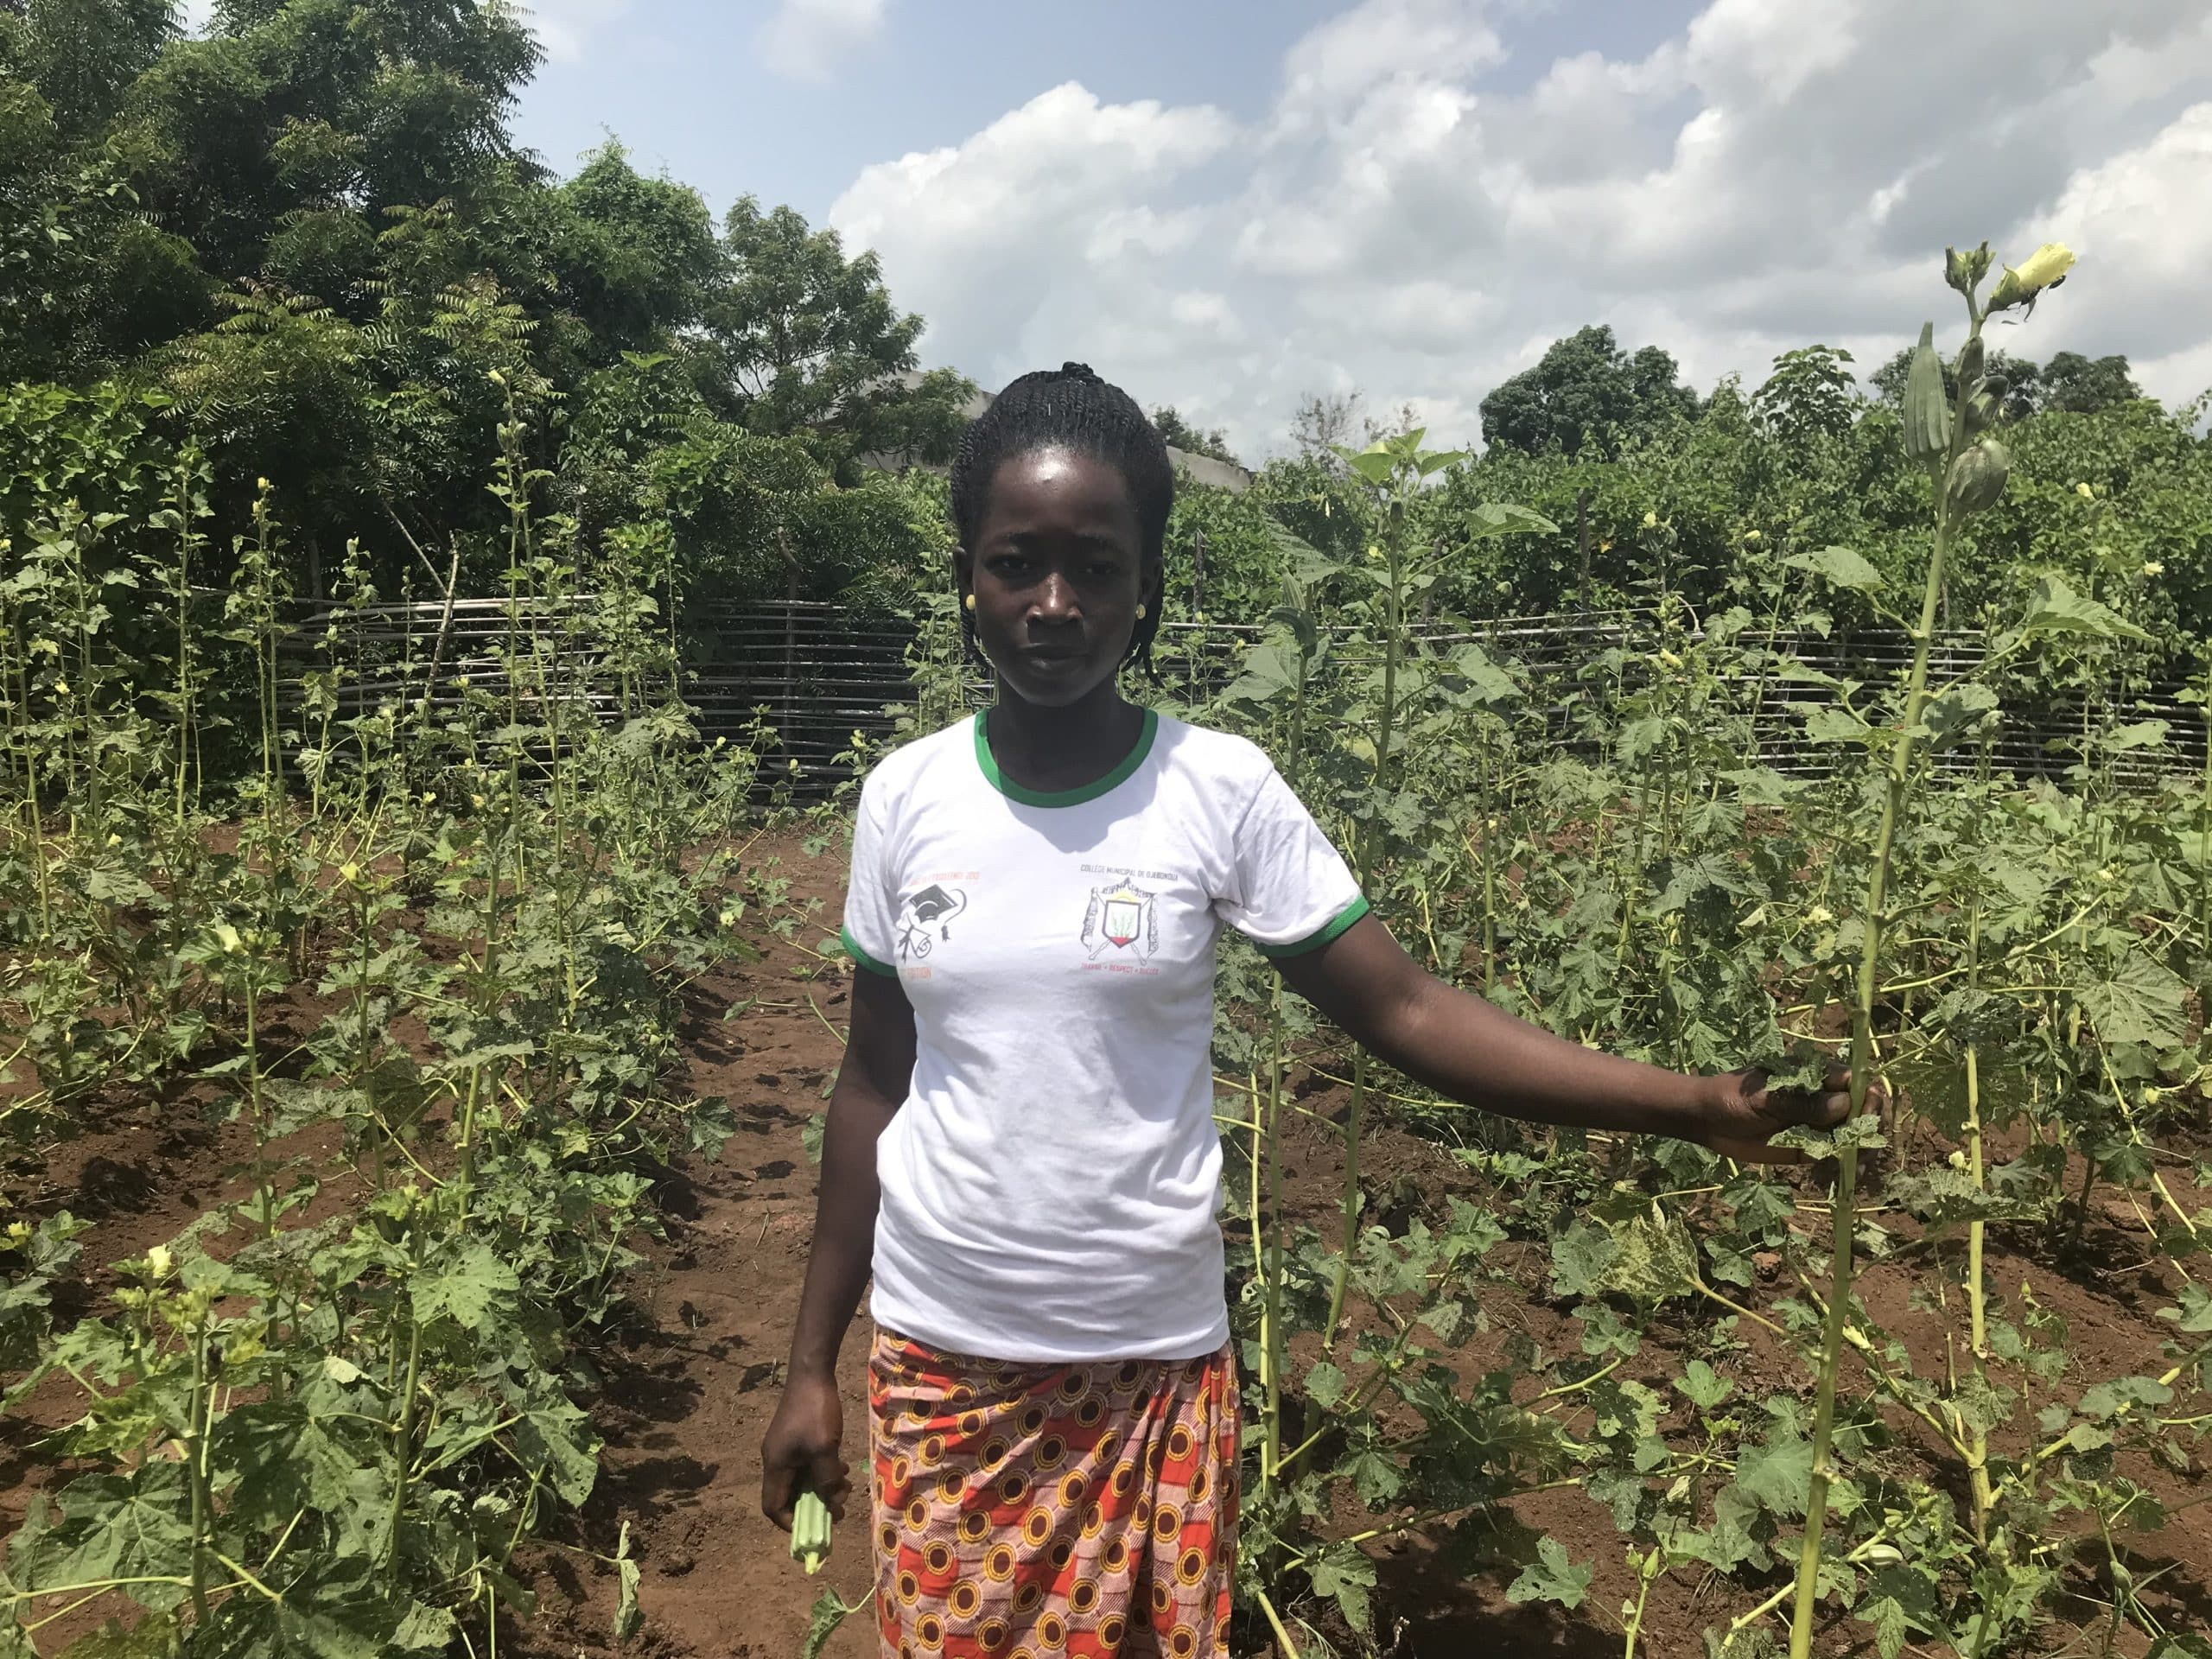 Seguridad alimentaria en Kinshasa y Bajo Congo